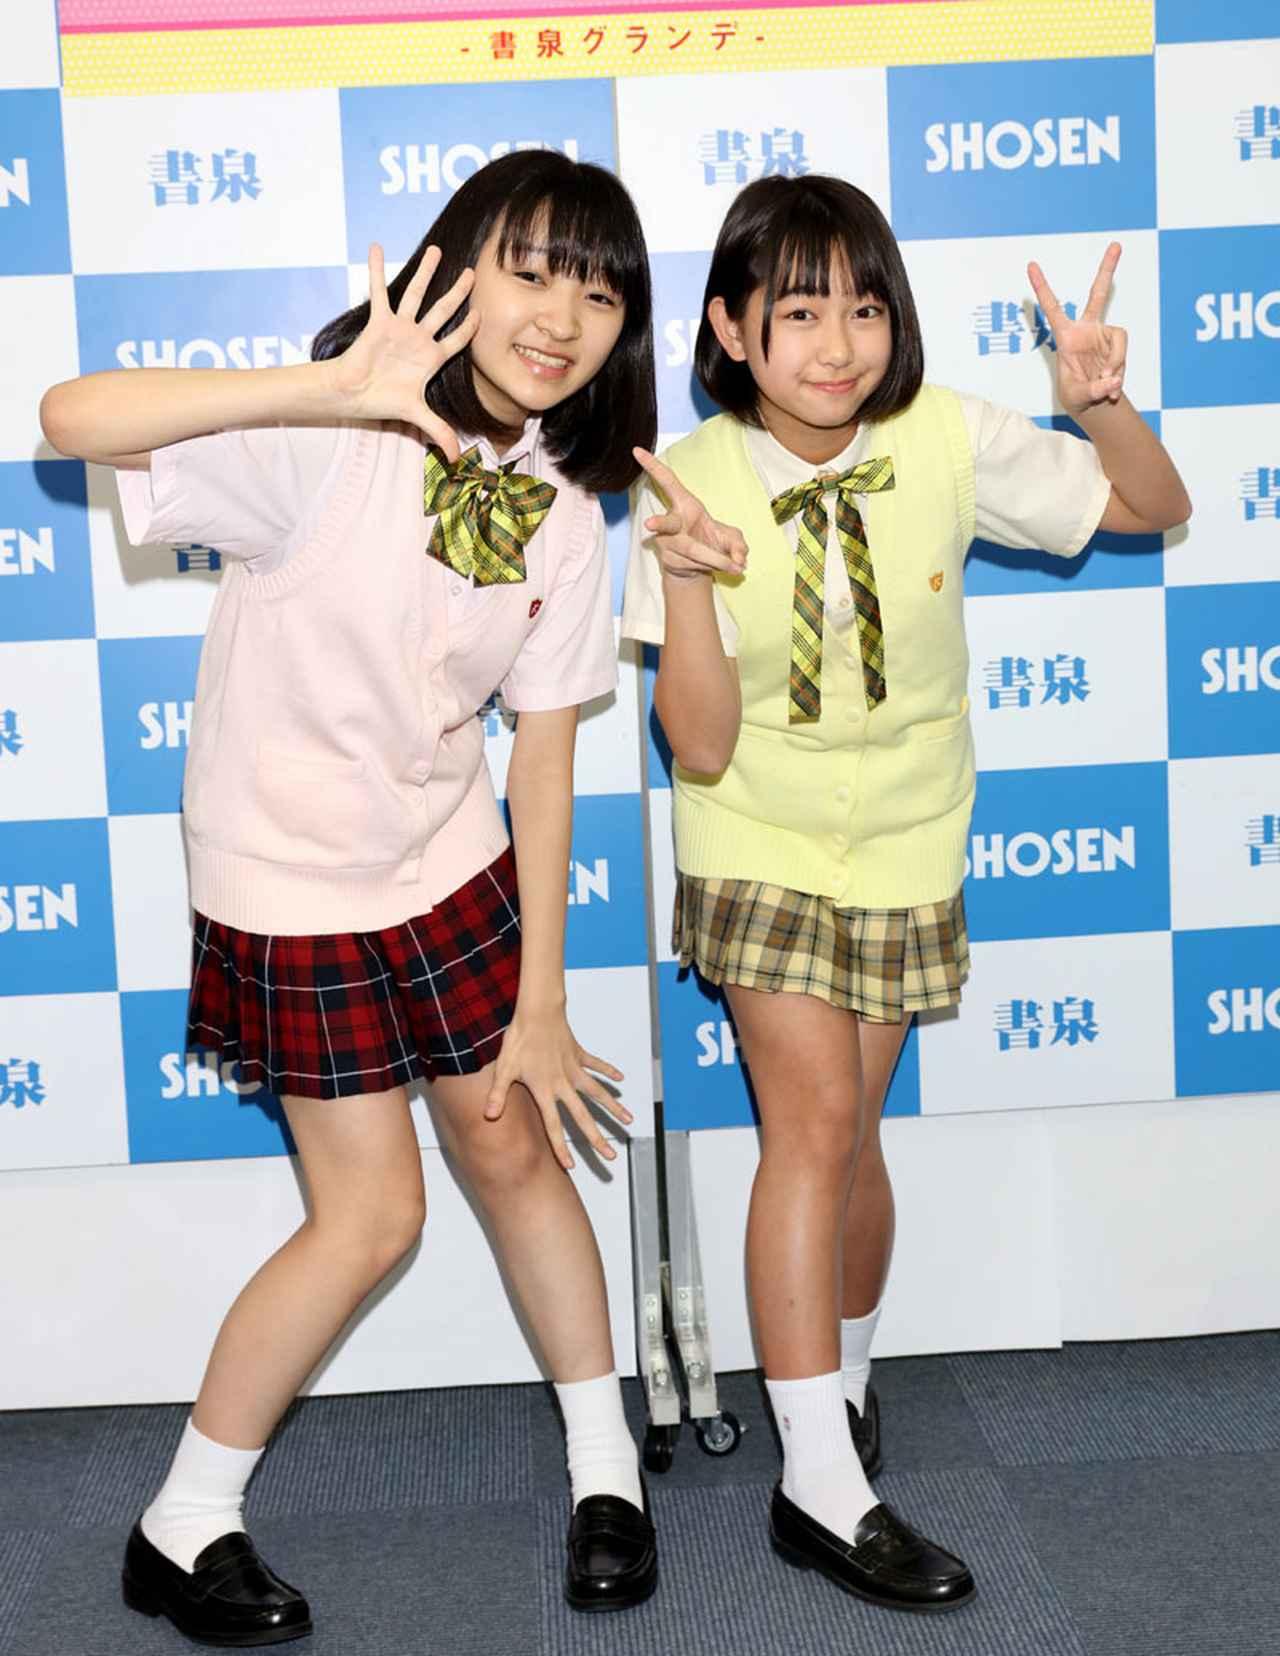 Images : 7番目の画像 - 「前野えま、本間菜穂/雑誌「Chu-Boh」の表紙に登場!「うれしかった!」「びっくりした」。元気いっぱいのJC会見!」のアルバム - Stereo Sound ONLINE